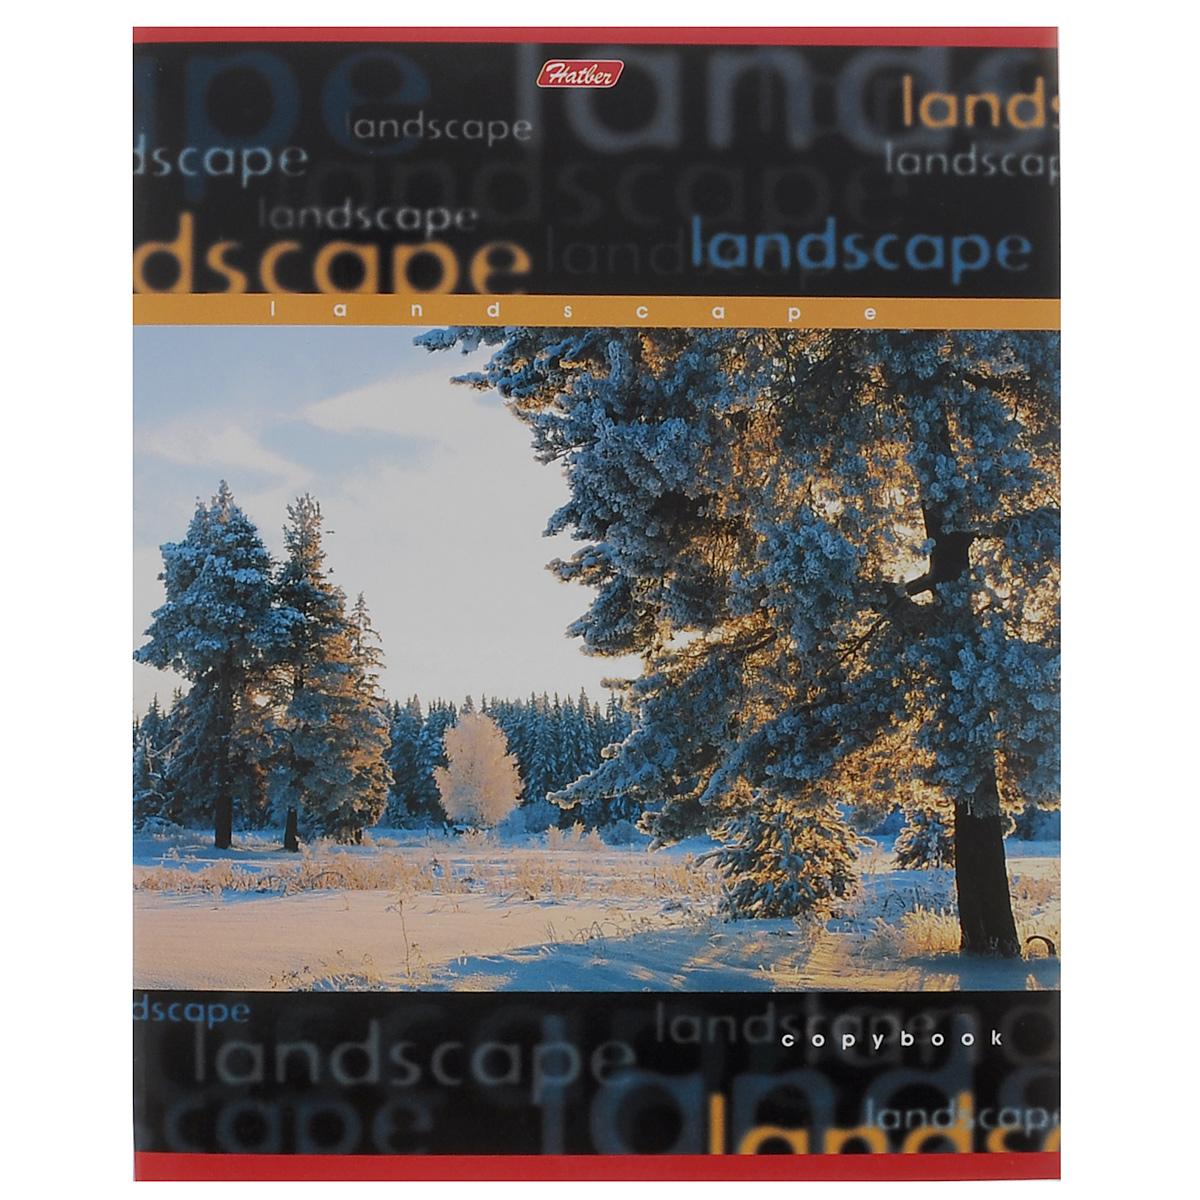 Тетрадь в линейку Hatber Пейзажи. Зимний лес, 96 листов72523WDТетрадь Hatber Пейзажи. Зимний лес отлично подойдет для занятий школьнику или студенту.Обложка, выполненная из плотного мелованного картона, позволит сохранить тетрадь в аккуратном состоянии на протяжении всего времени использования. Лицевая сторона оформлена красочным изображением зимнего пейзажа.Внутренний блок тетради, соединенный металлическими скрепками, состоит из 96 листов белой бумаги в голубую линейку с полями.